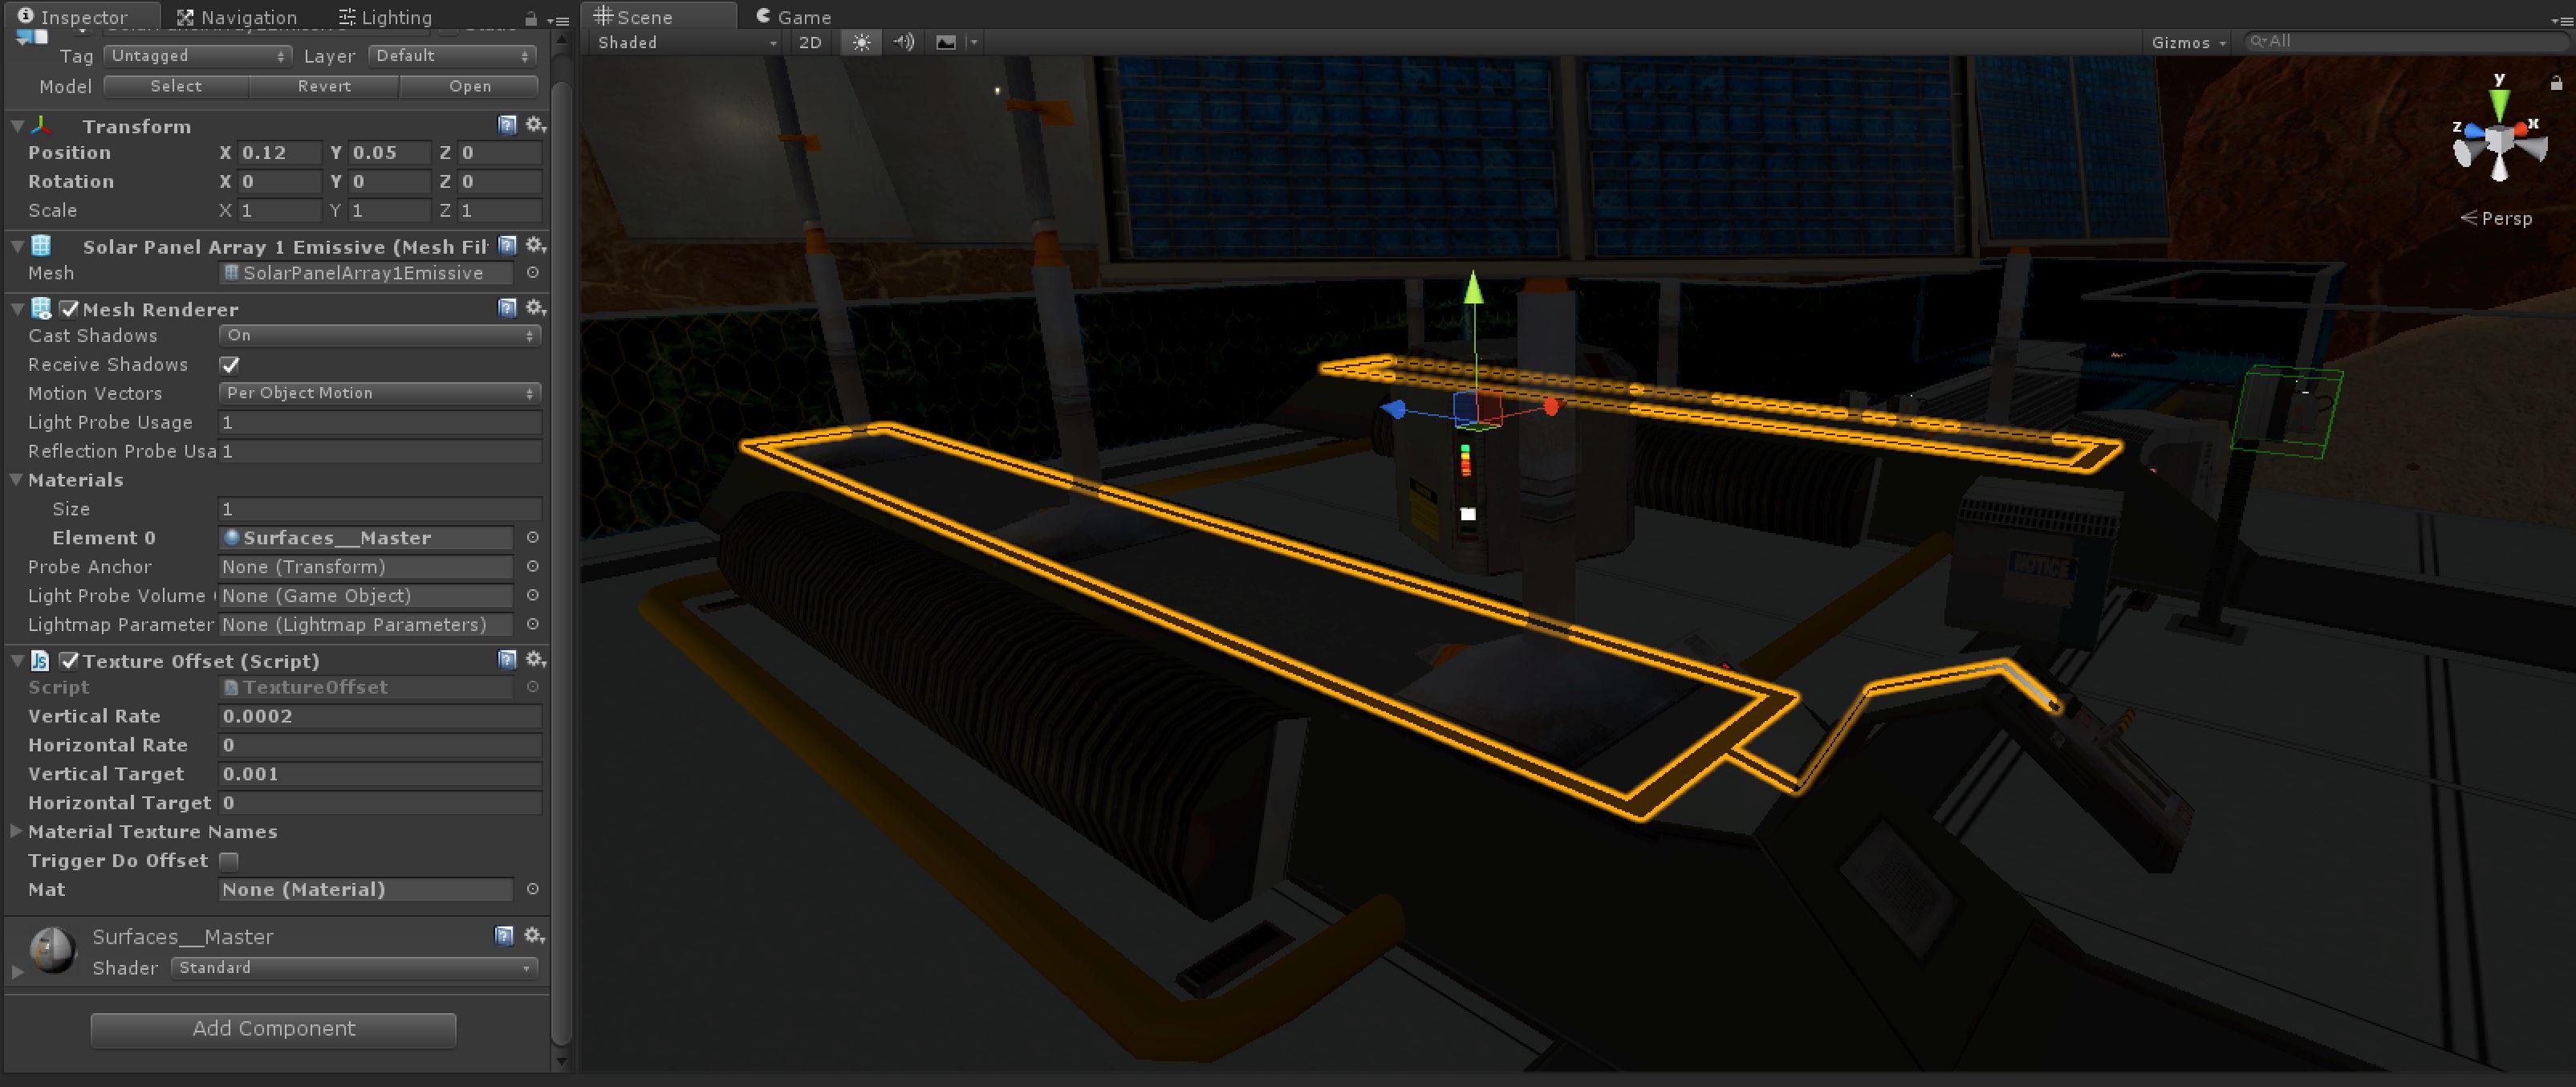 Texture Offset - Power Up Effect tutorial - Mod DB